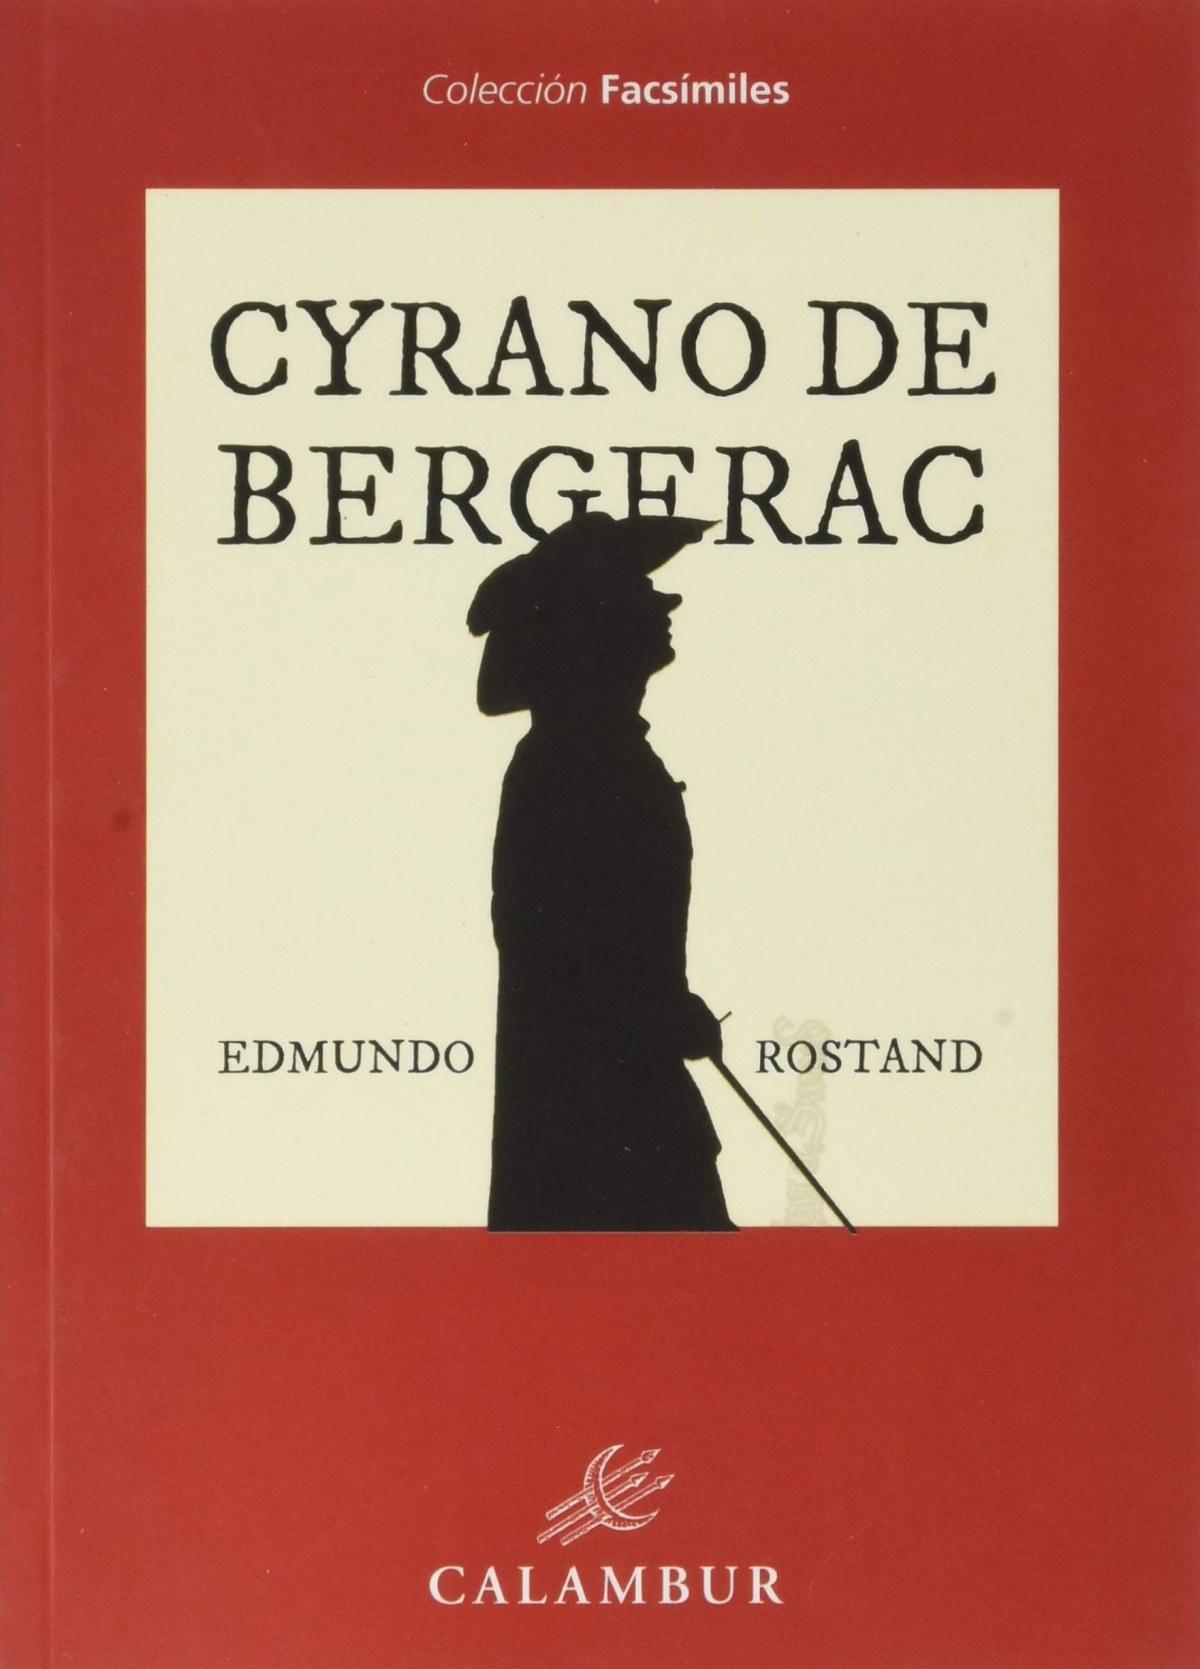 CYRANO DE BERGERAC 9788483595022